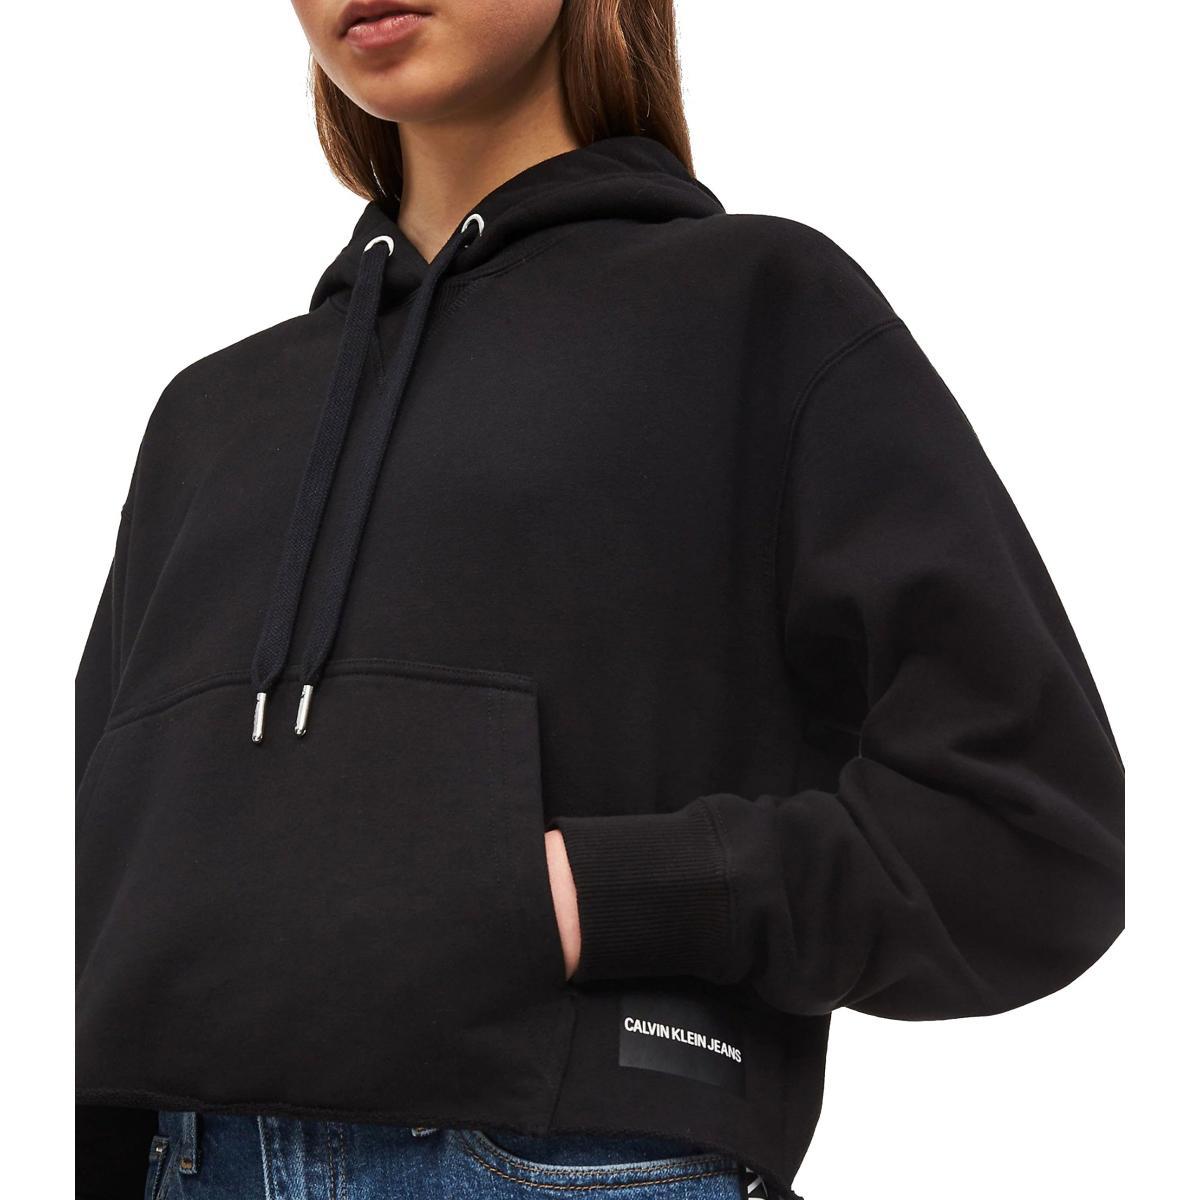 Felpa Calvin Klein Jeans con cappuccio con finitura grezza da donna rif. J20J211600